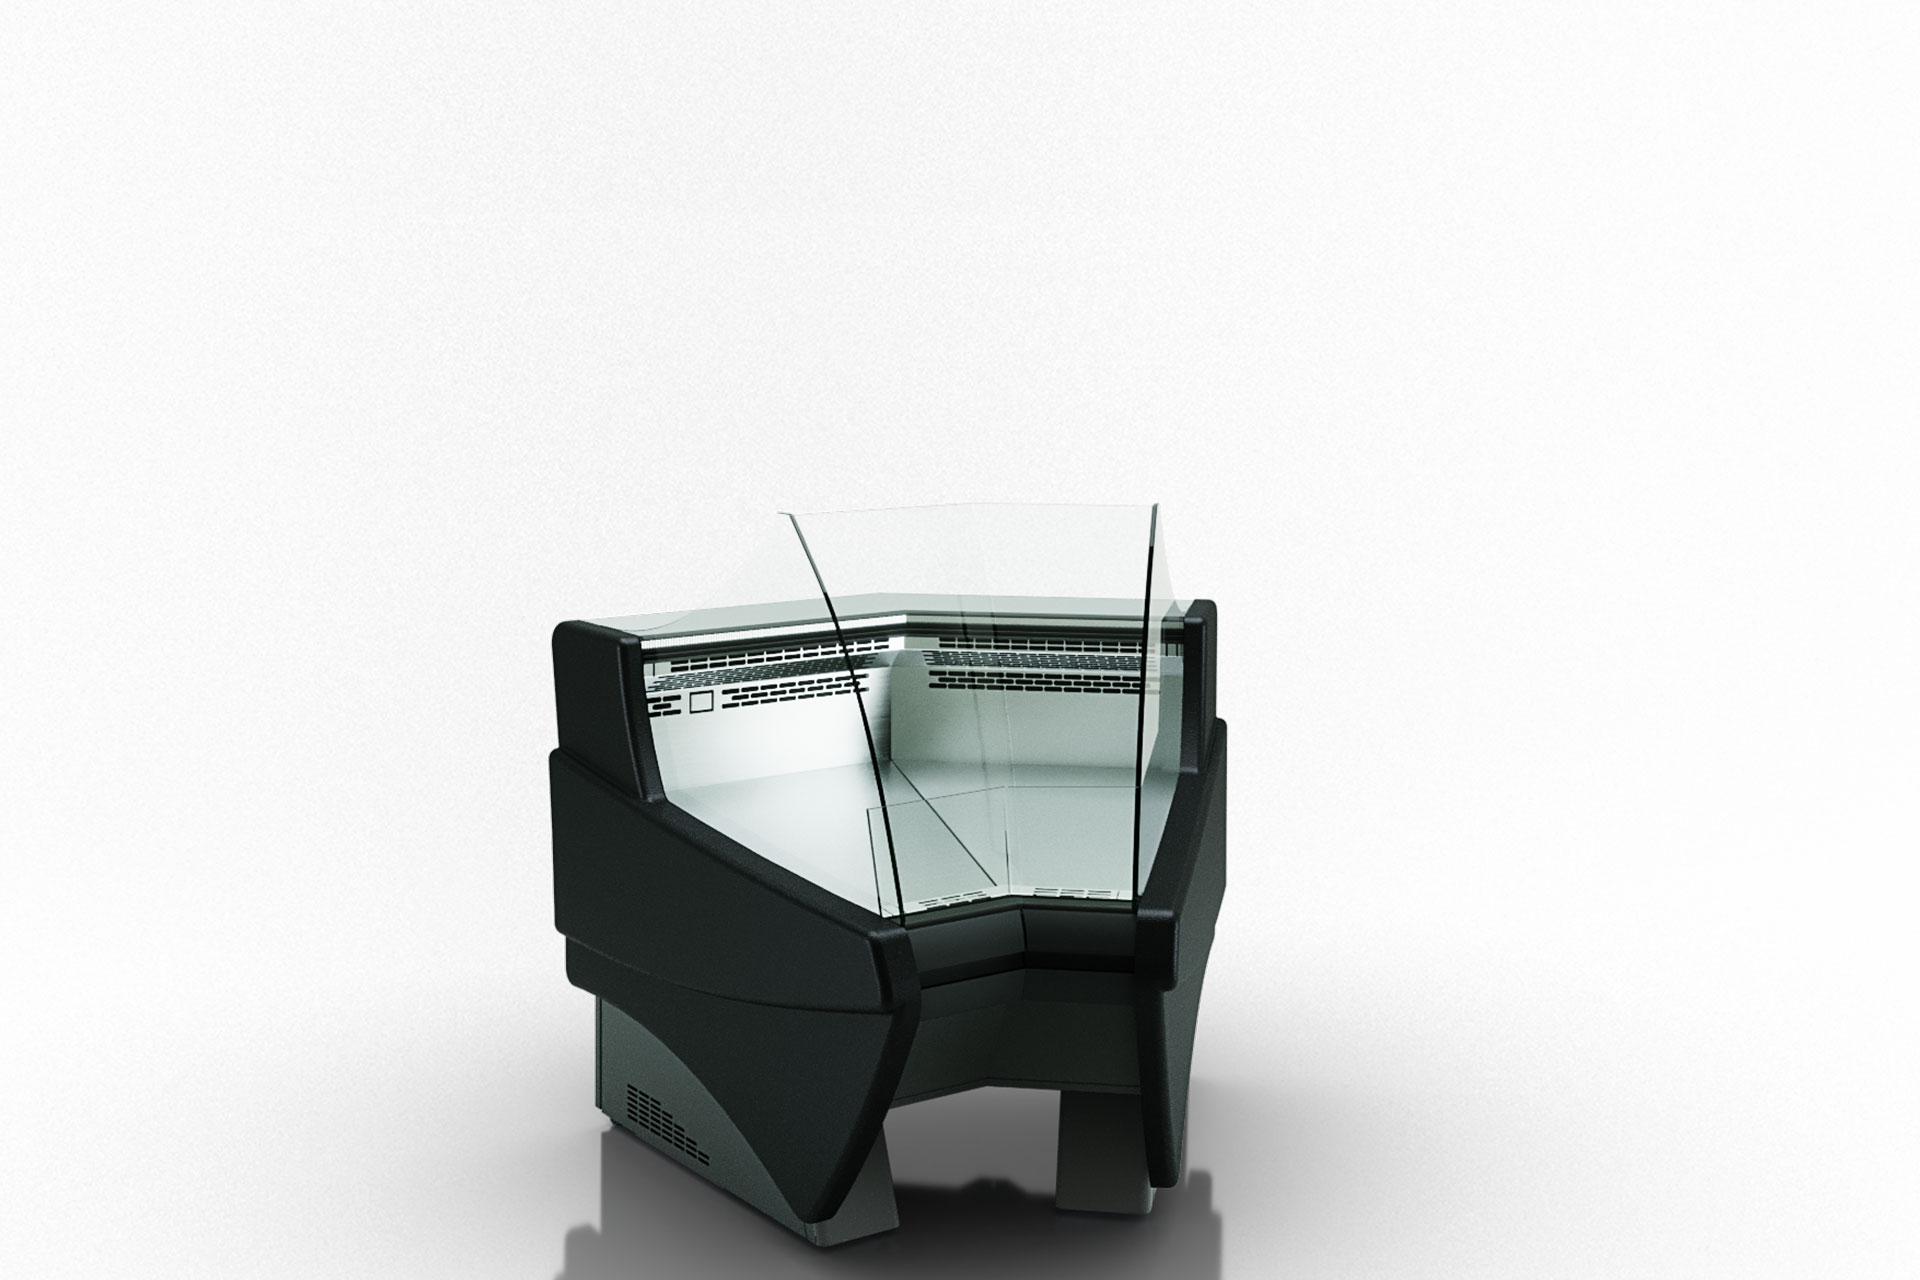 Kühlvitrinen Symphony luxe MG 100 deli T2 110-DLM-IS45